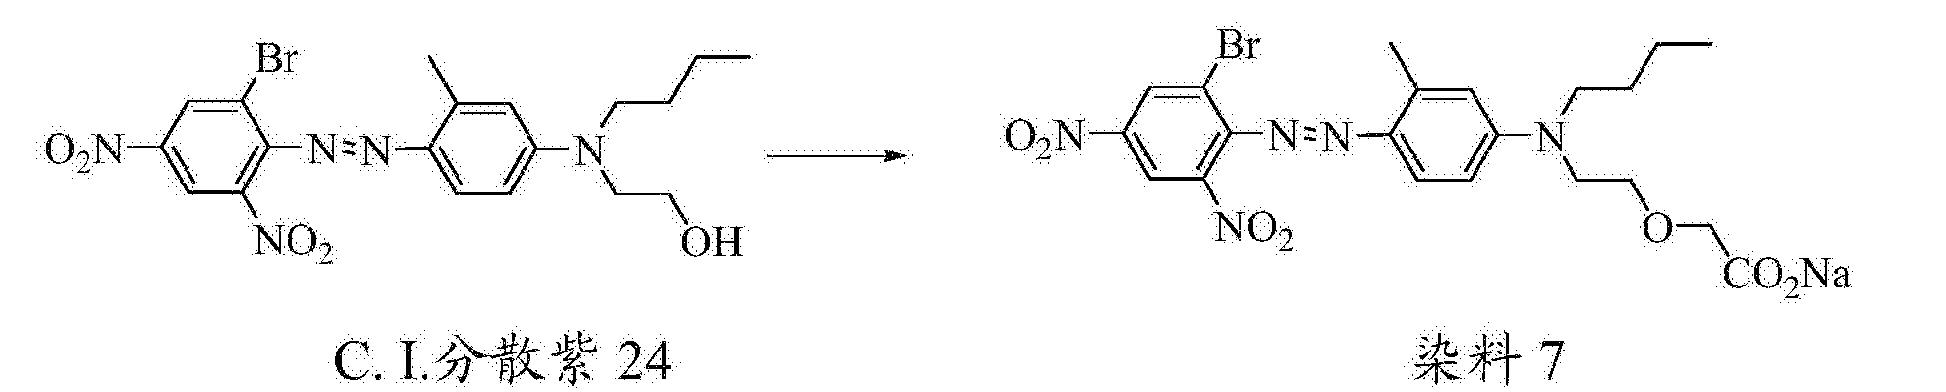 Figure CN104350106BD00212